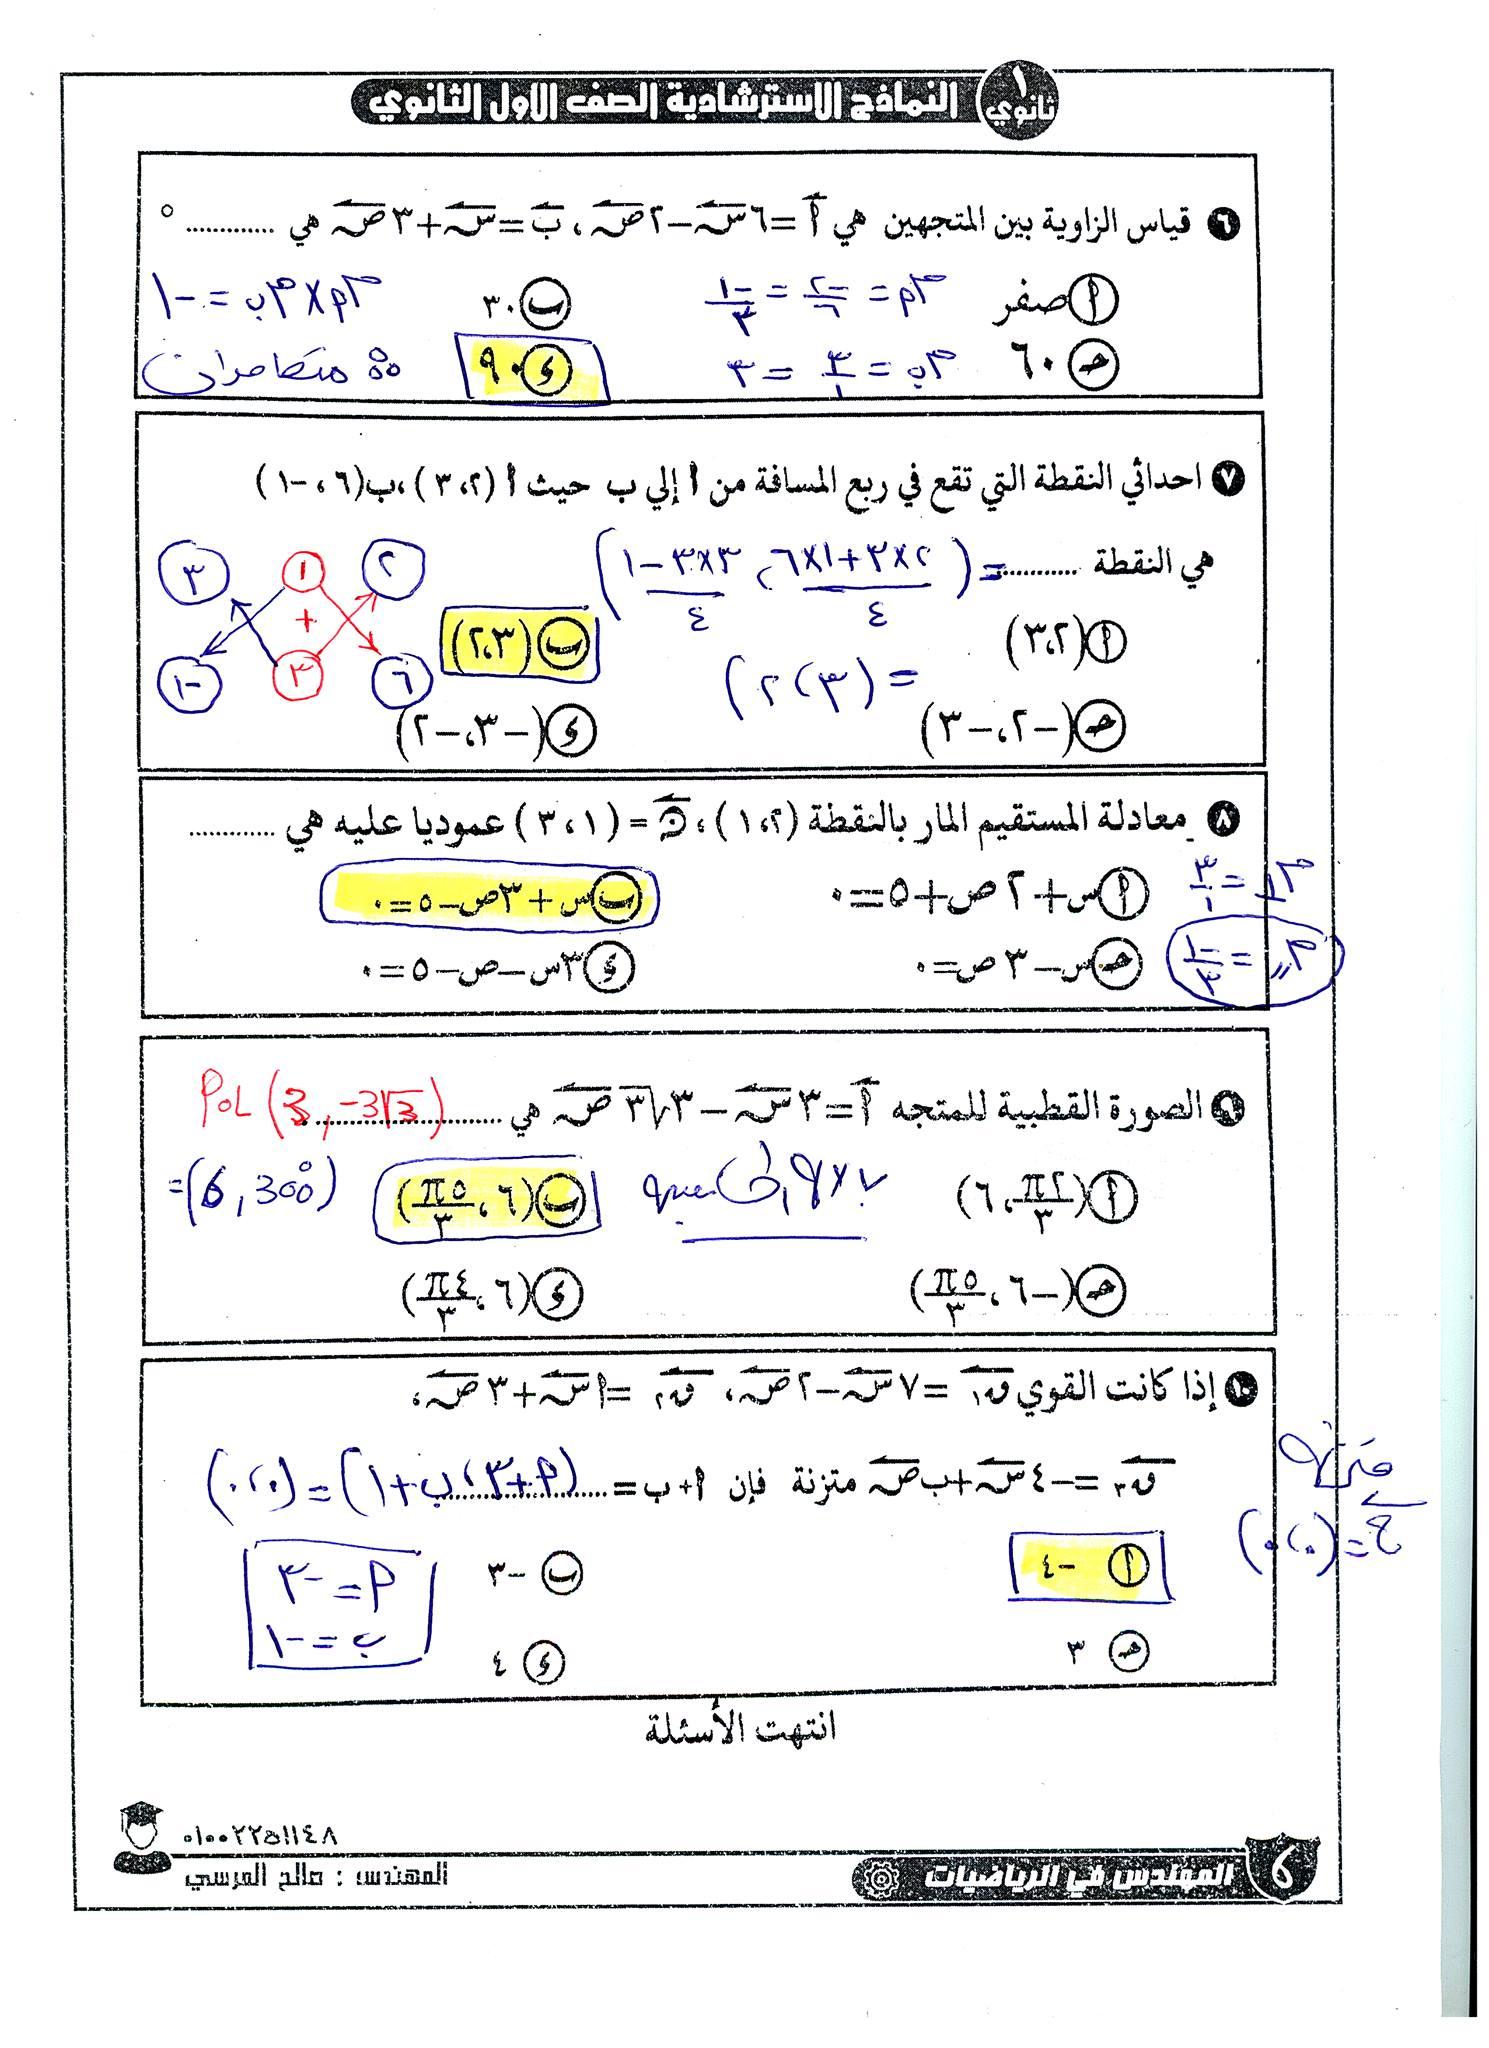 مراجعة ليلة الامتحان رياضيات للصف الأول الثانوي ترم ثاني.. ملخص كامل متكامل للقوانين و حل النماذج الاسترشادية 12